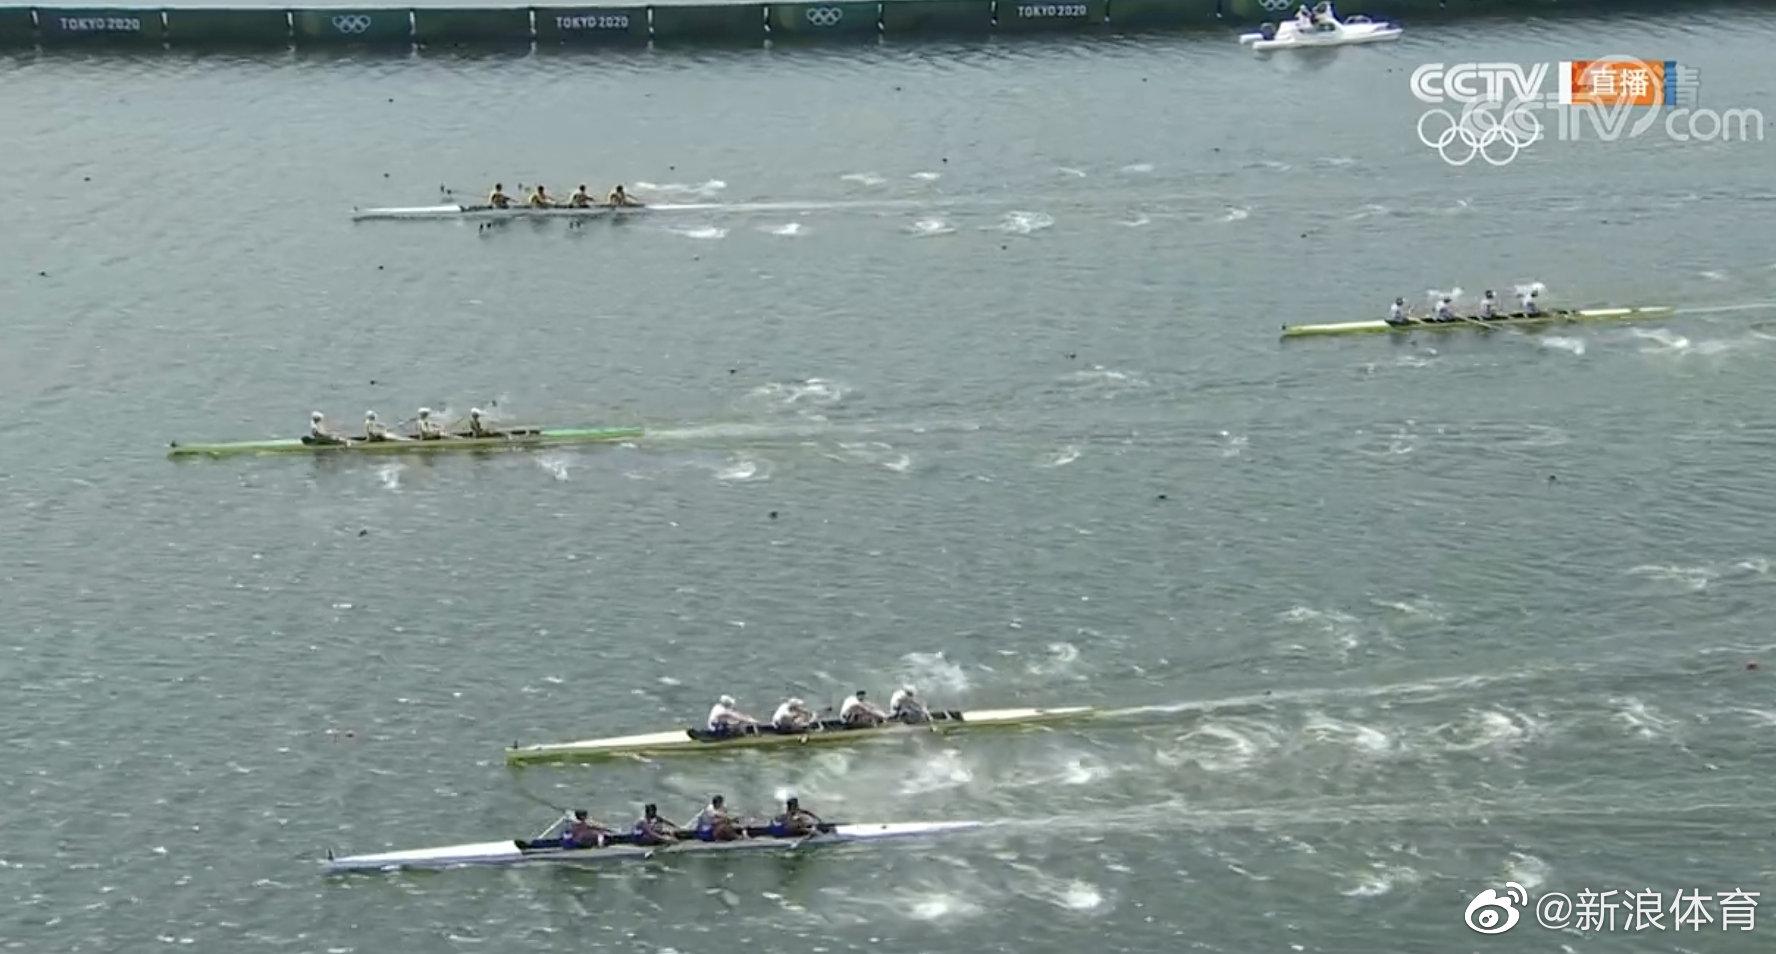 就在刚刚的赛艇比赛中,英国队在最后阶段竟然串道了......